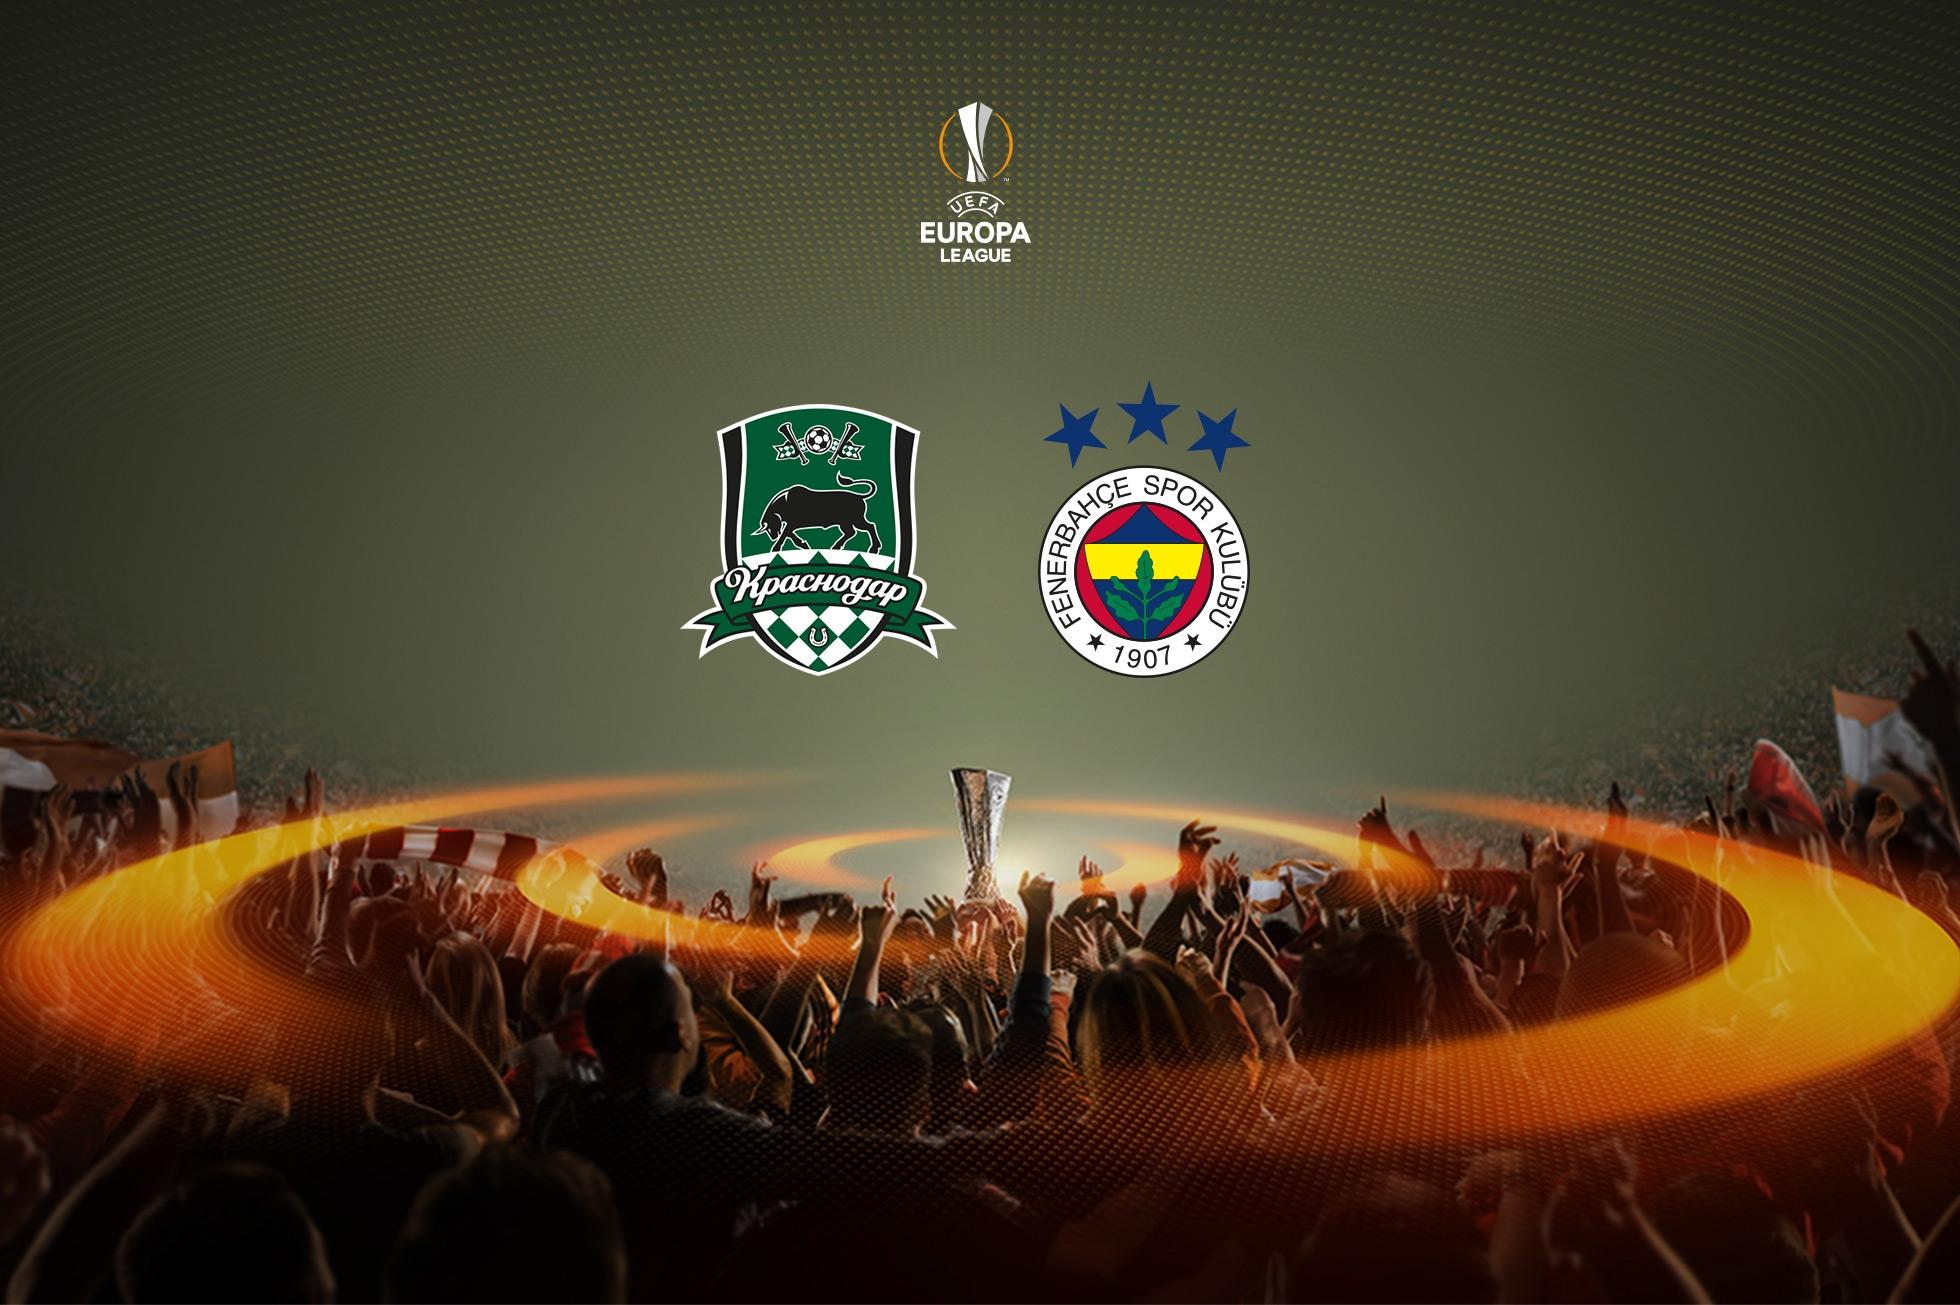 Ответный матч между «Фенербахче» и «Краснодаром» перенесен на 22 февраля